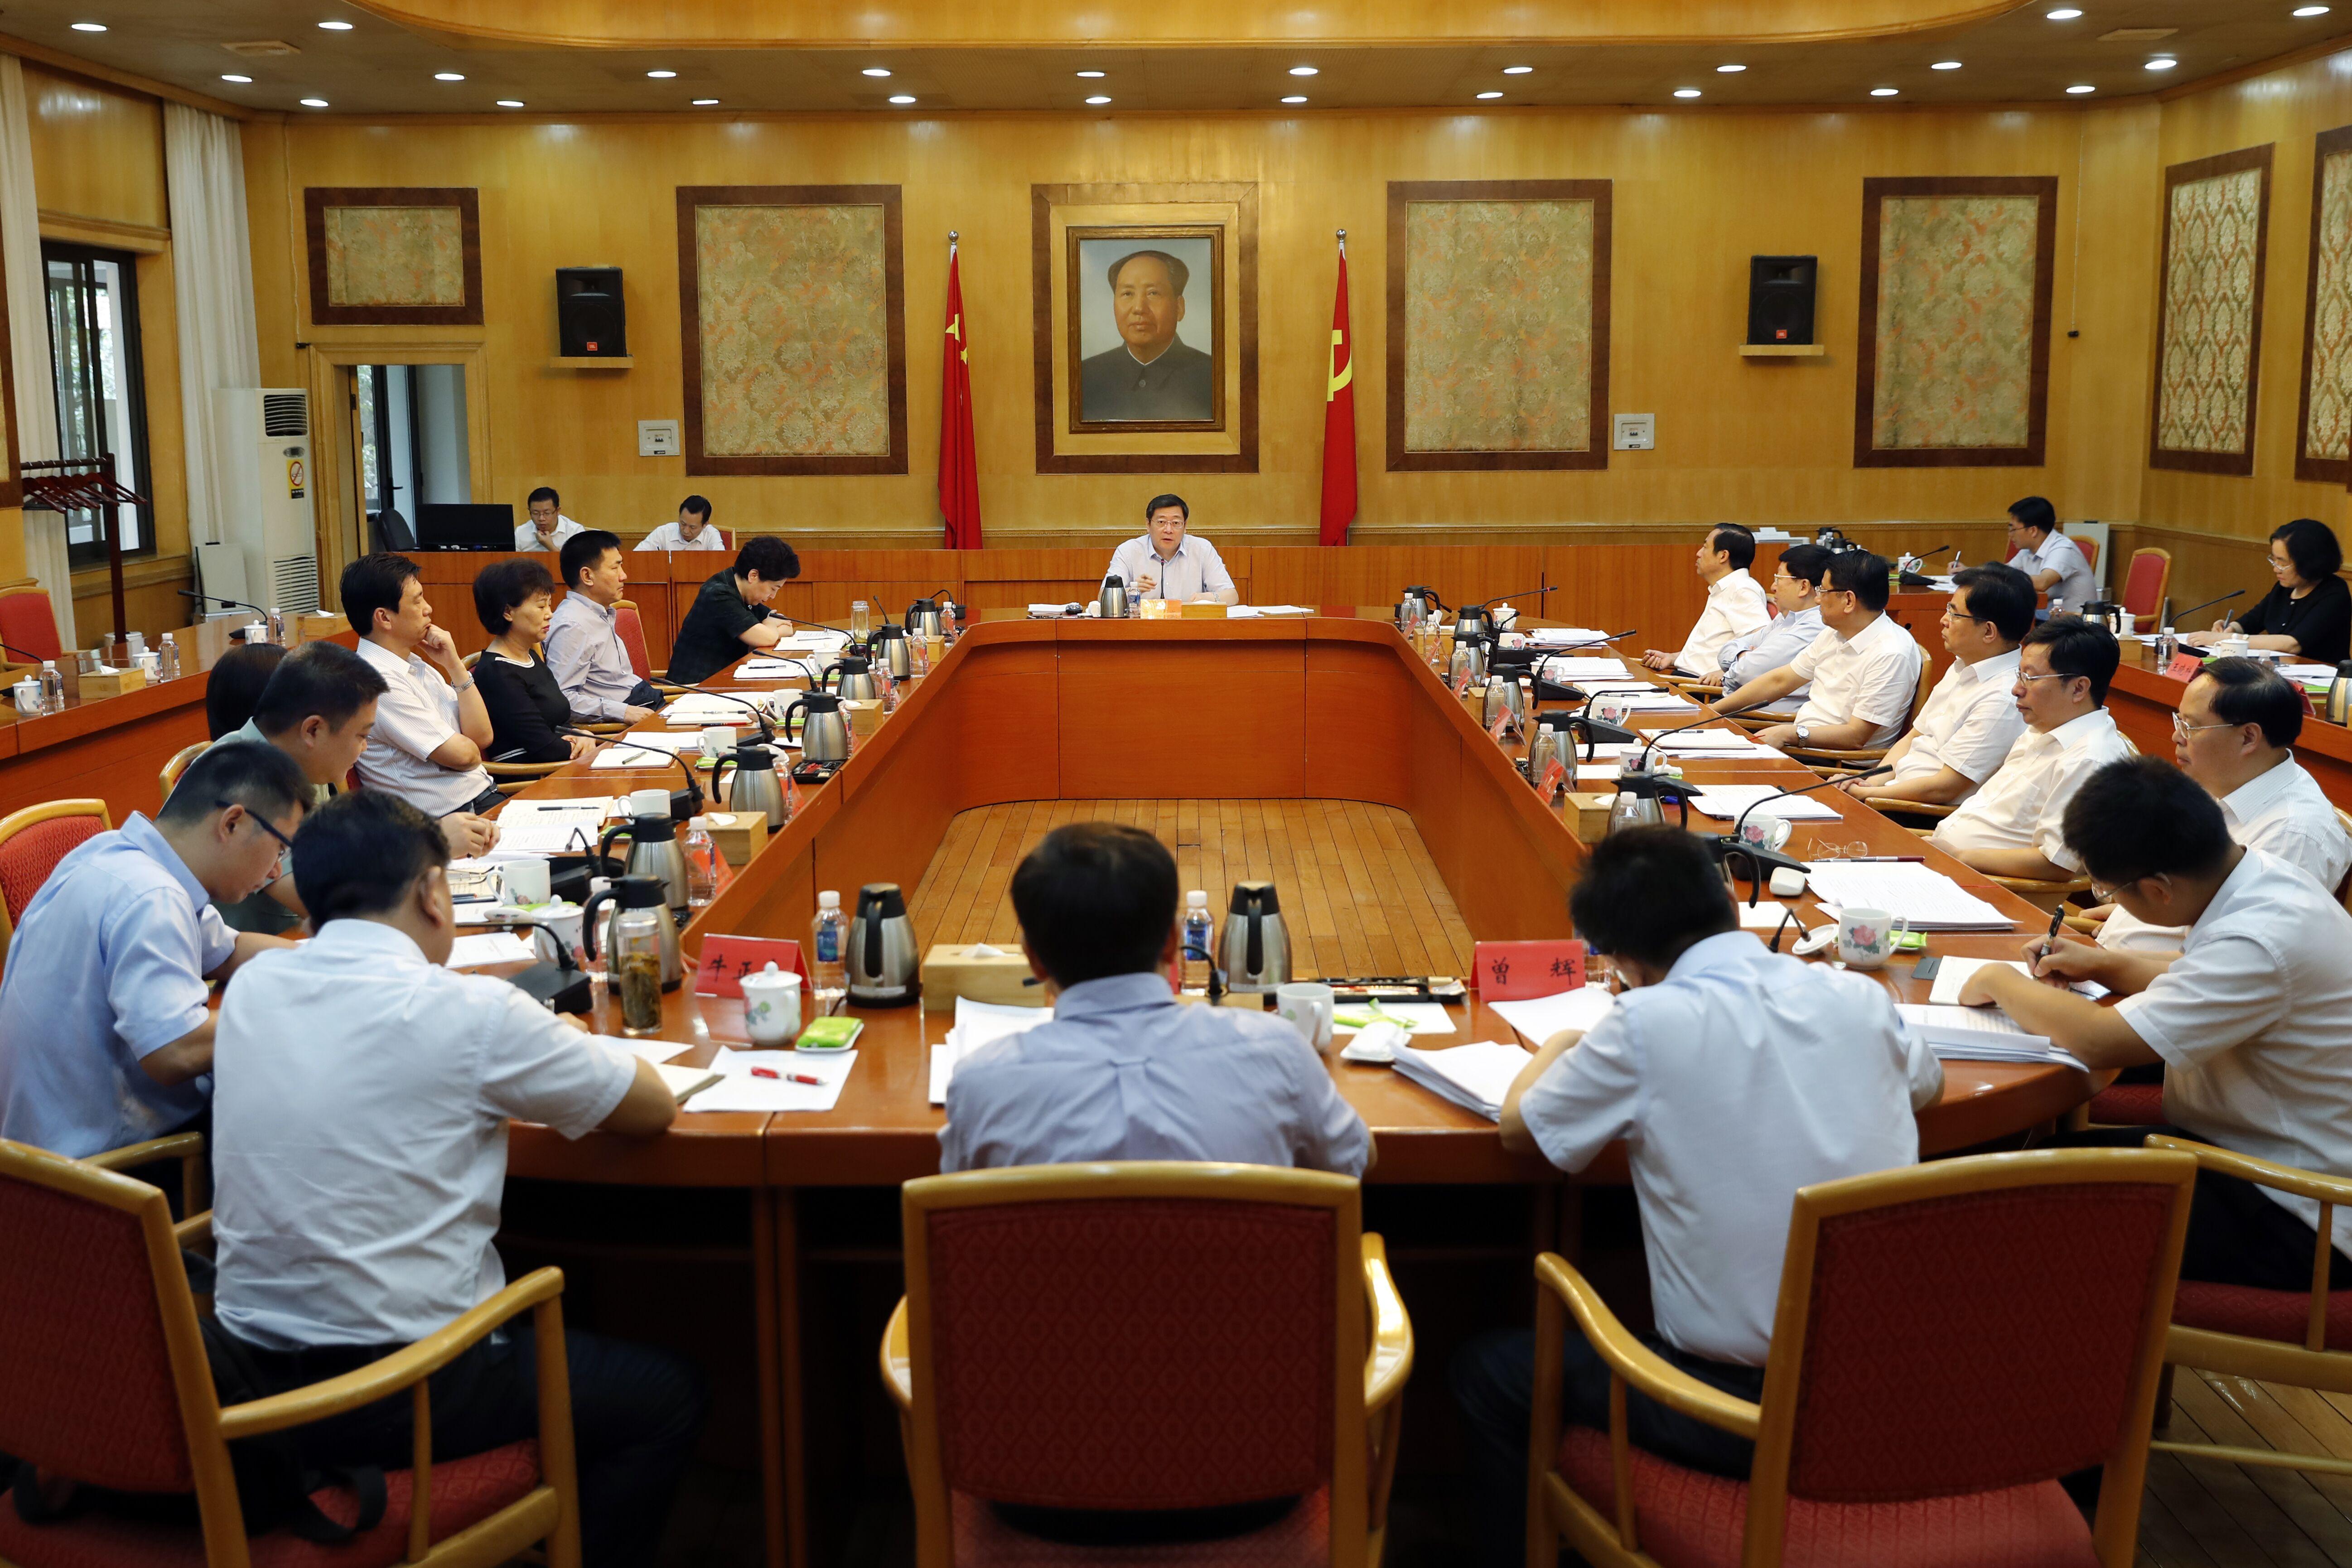 杜家毫主持湖南省委常委会会议,分析当前经济形势